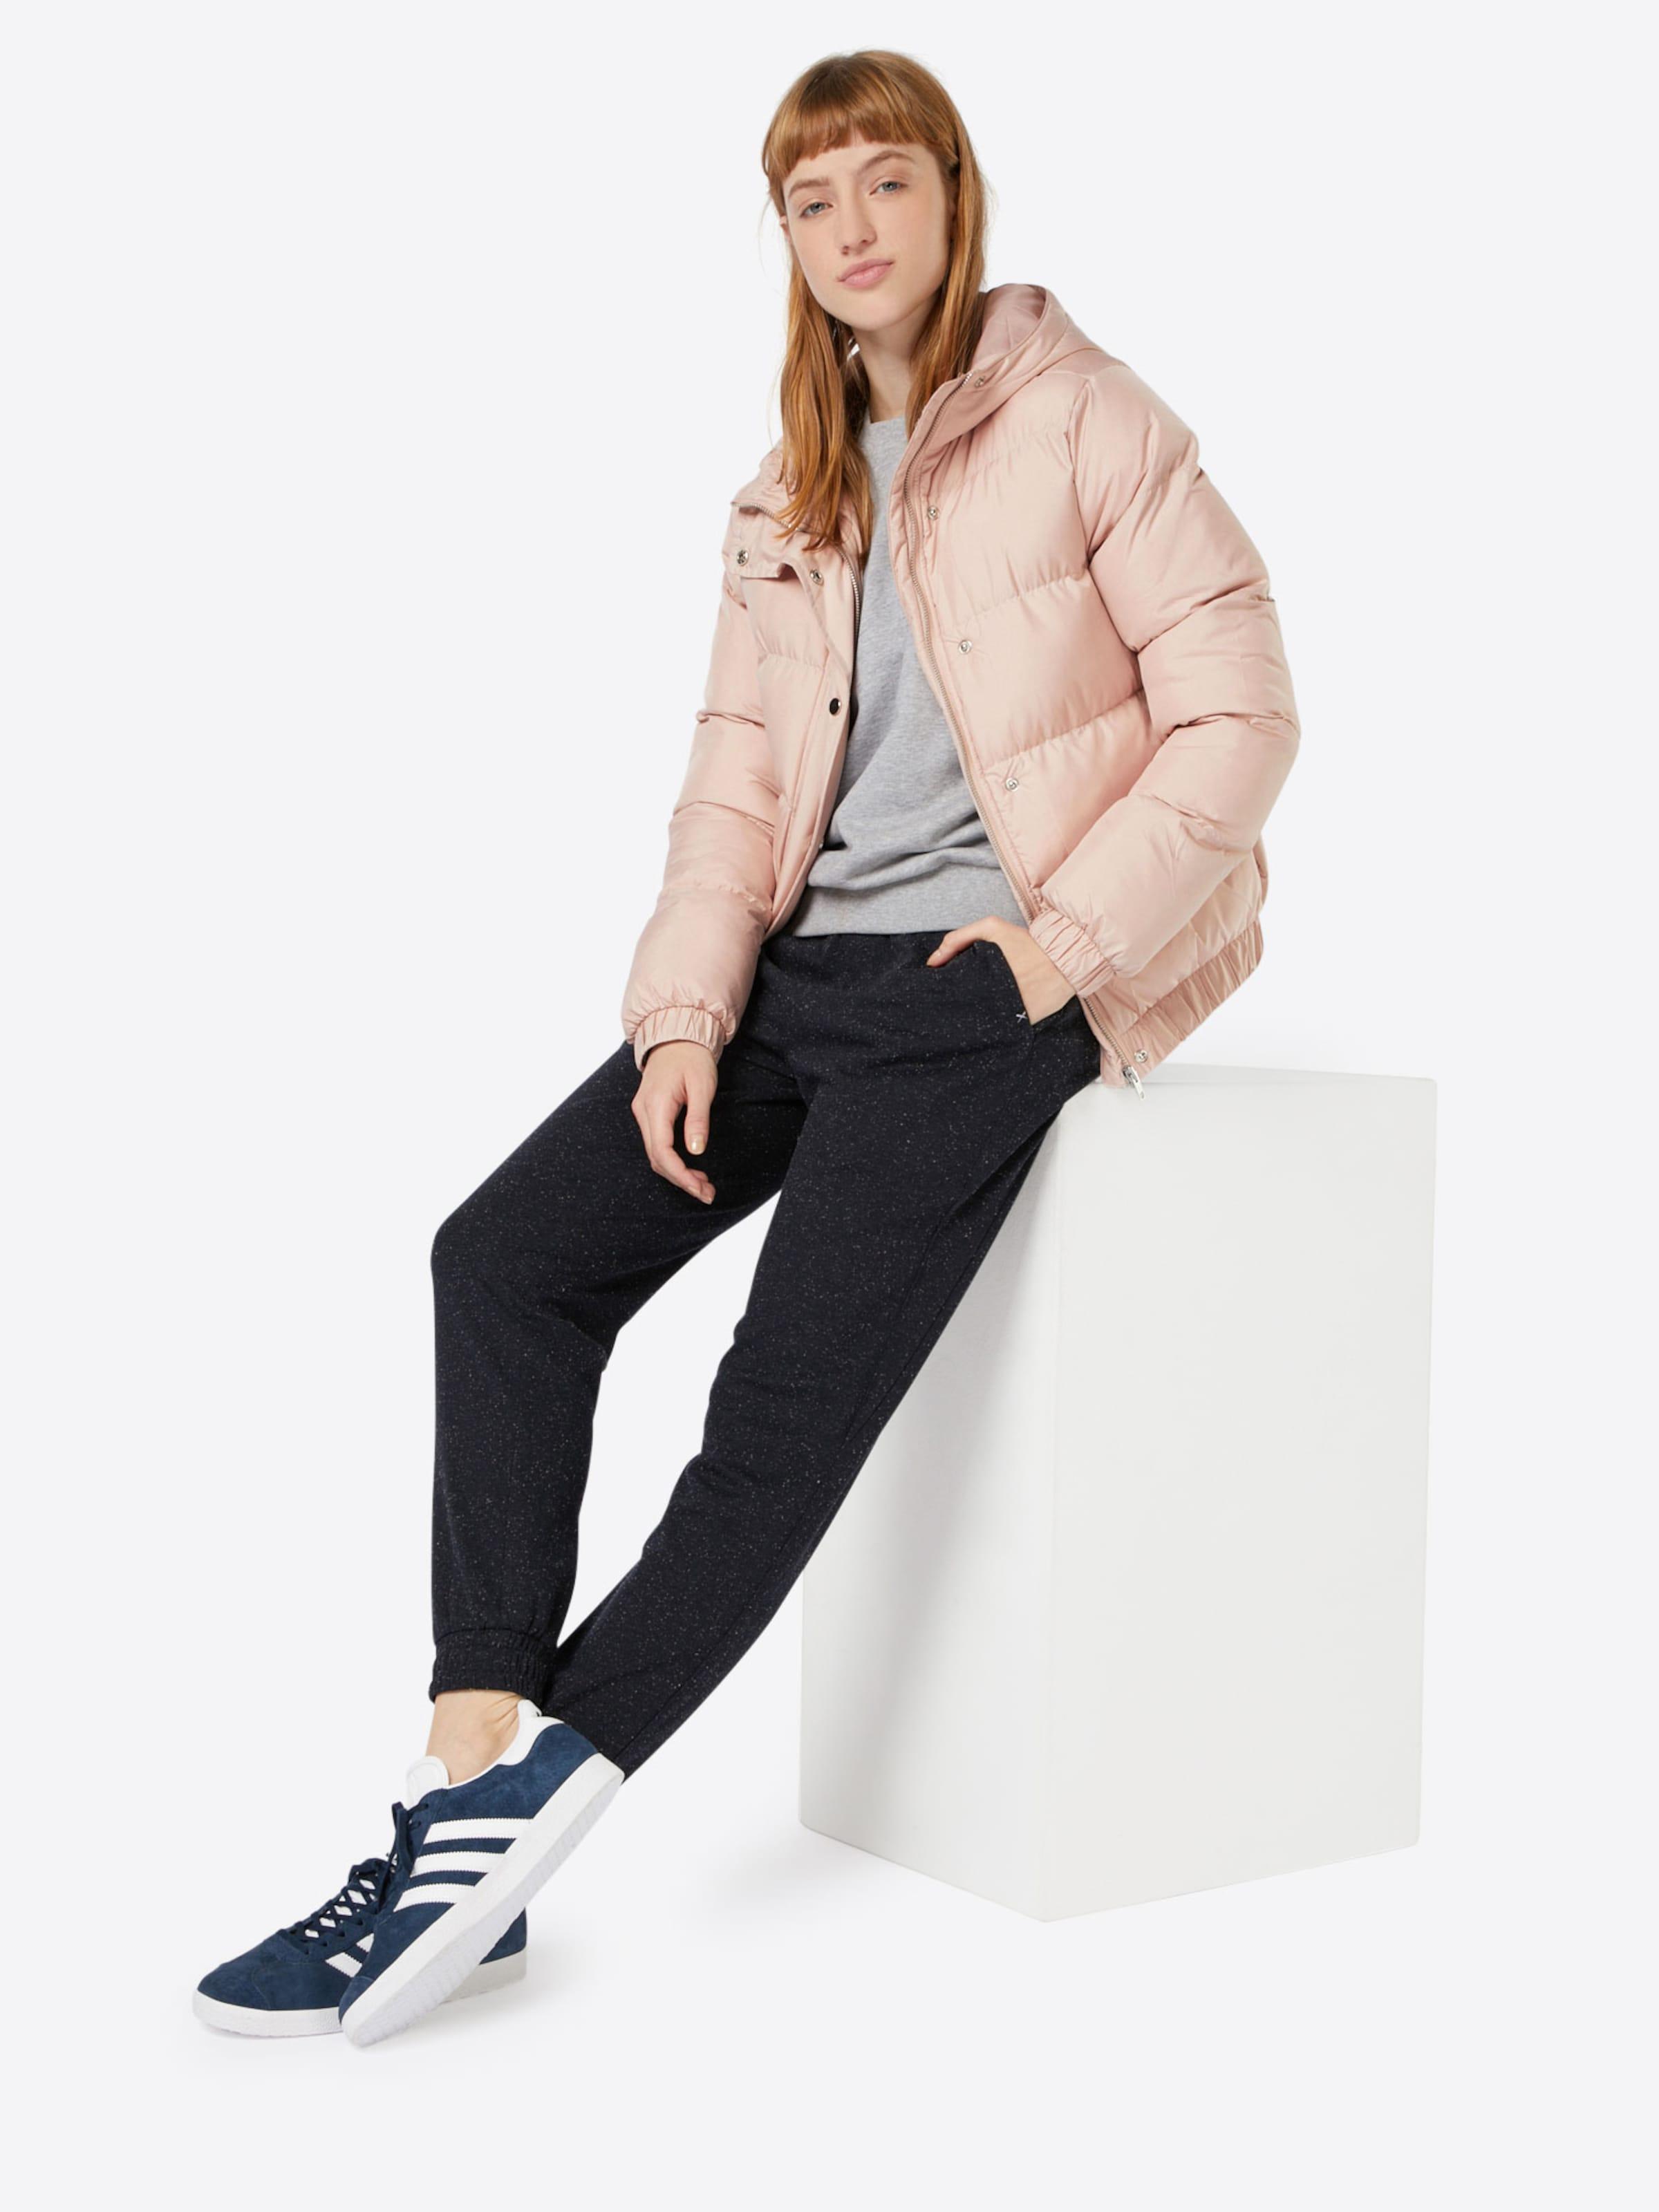 Urban Classics Winterjacke 'Hooded Puffer Jacket' Schnell Express 100% Authentisch Zu Verkaufen Günstig Kaufen Limited Edition Kosten Verkauf Aus Deutschland a4Glx1